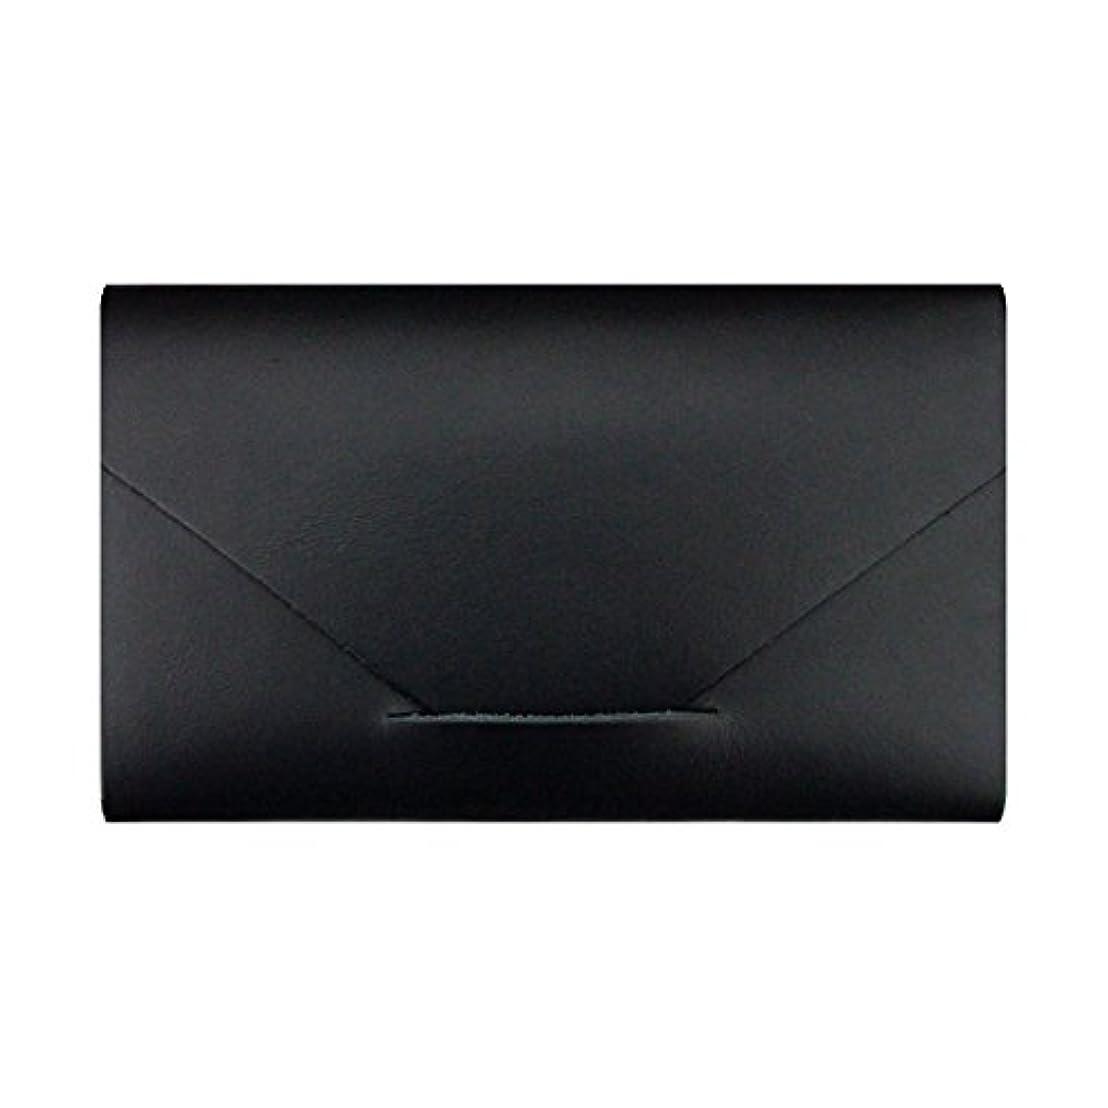 乱れうるさい膜MODERN AGE TOKYO 2 カードケース(サシェ3種入) ブラック BLACK CARD CASE モダンエイジトウキョウツー